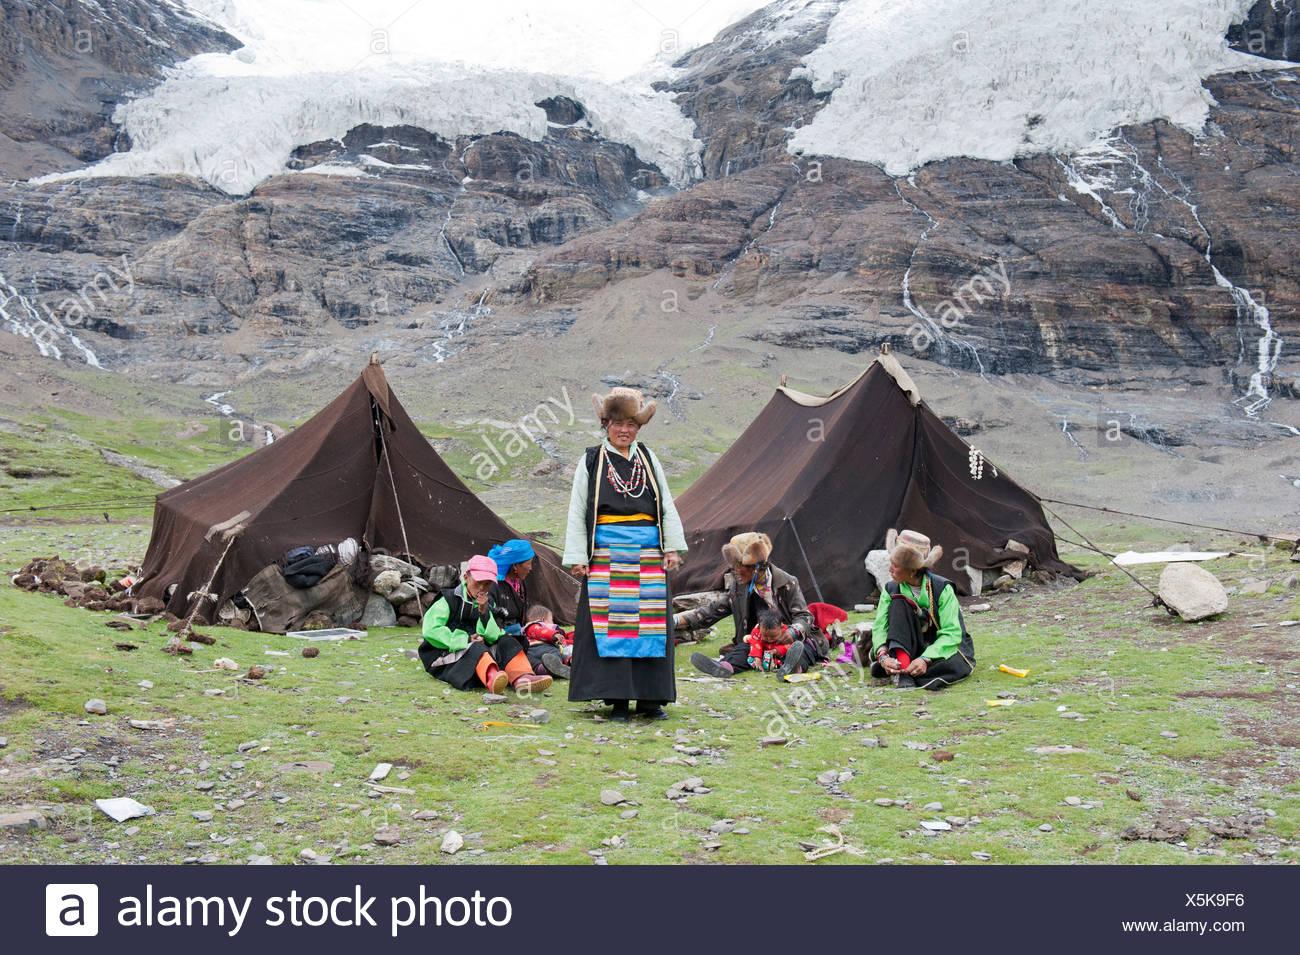 Tibetans, tents made of yak wool, camp on the Karo-La glacier, between Nanggartse and Gyantse, Himalaya Range, Central Tibet - Stock Image